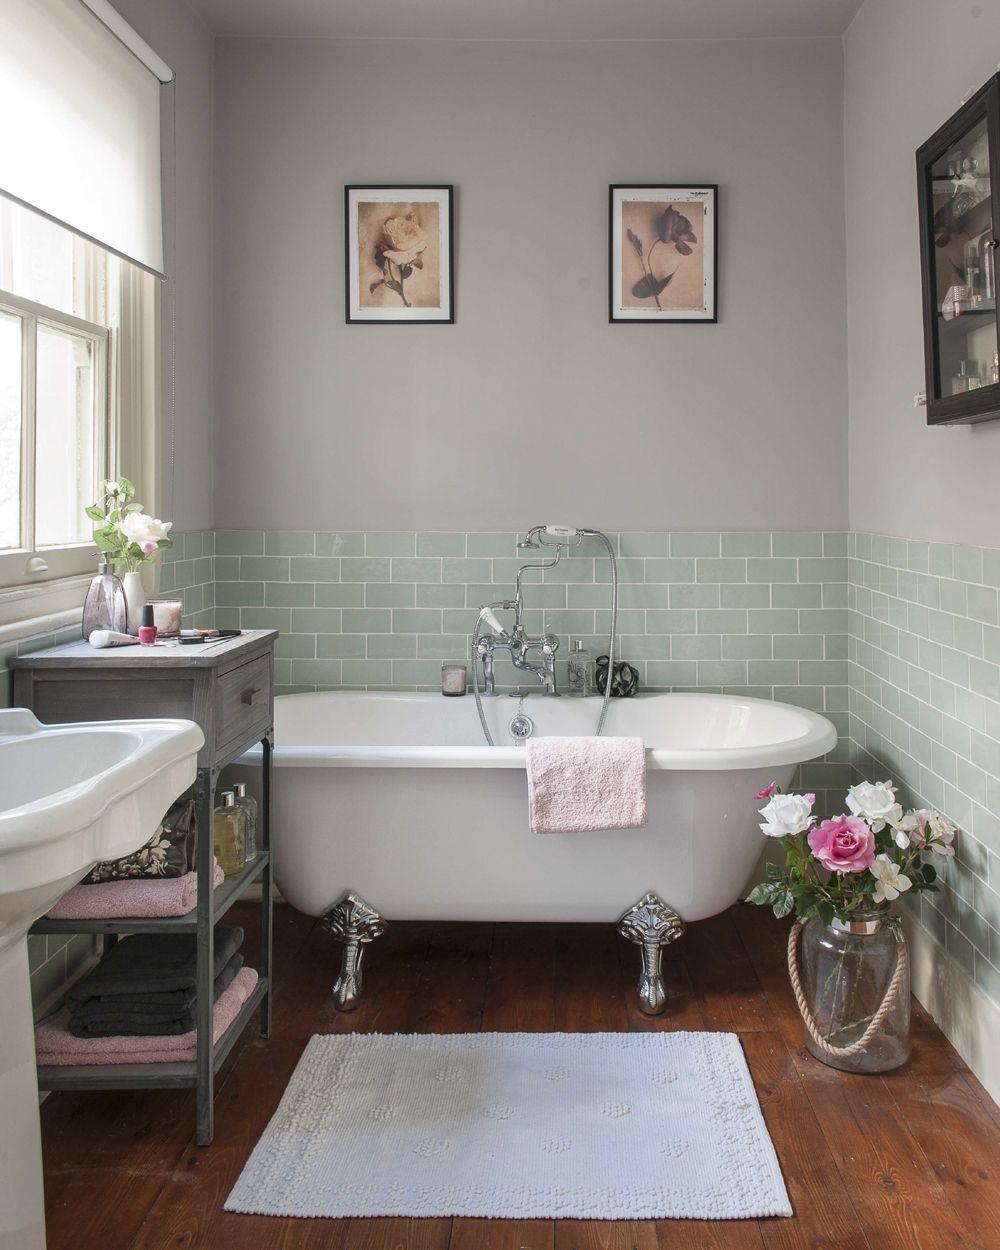 Elegantes badezimmerdesign joes badezimmer  wohnung  pinterest  baños cuarto de baño und